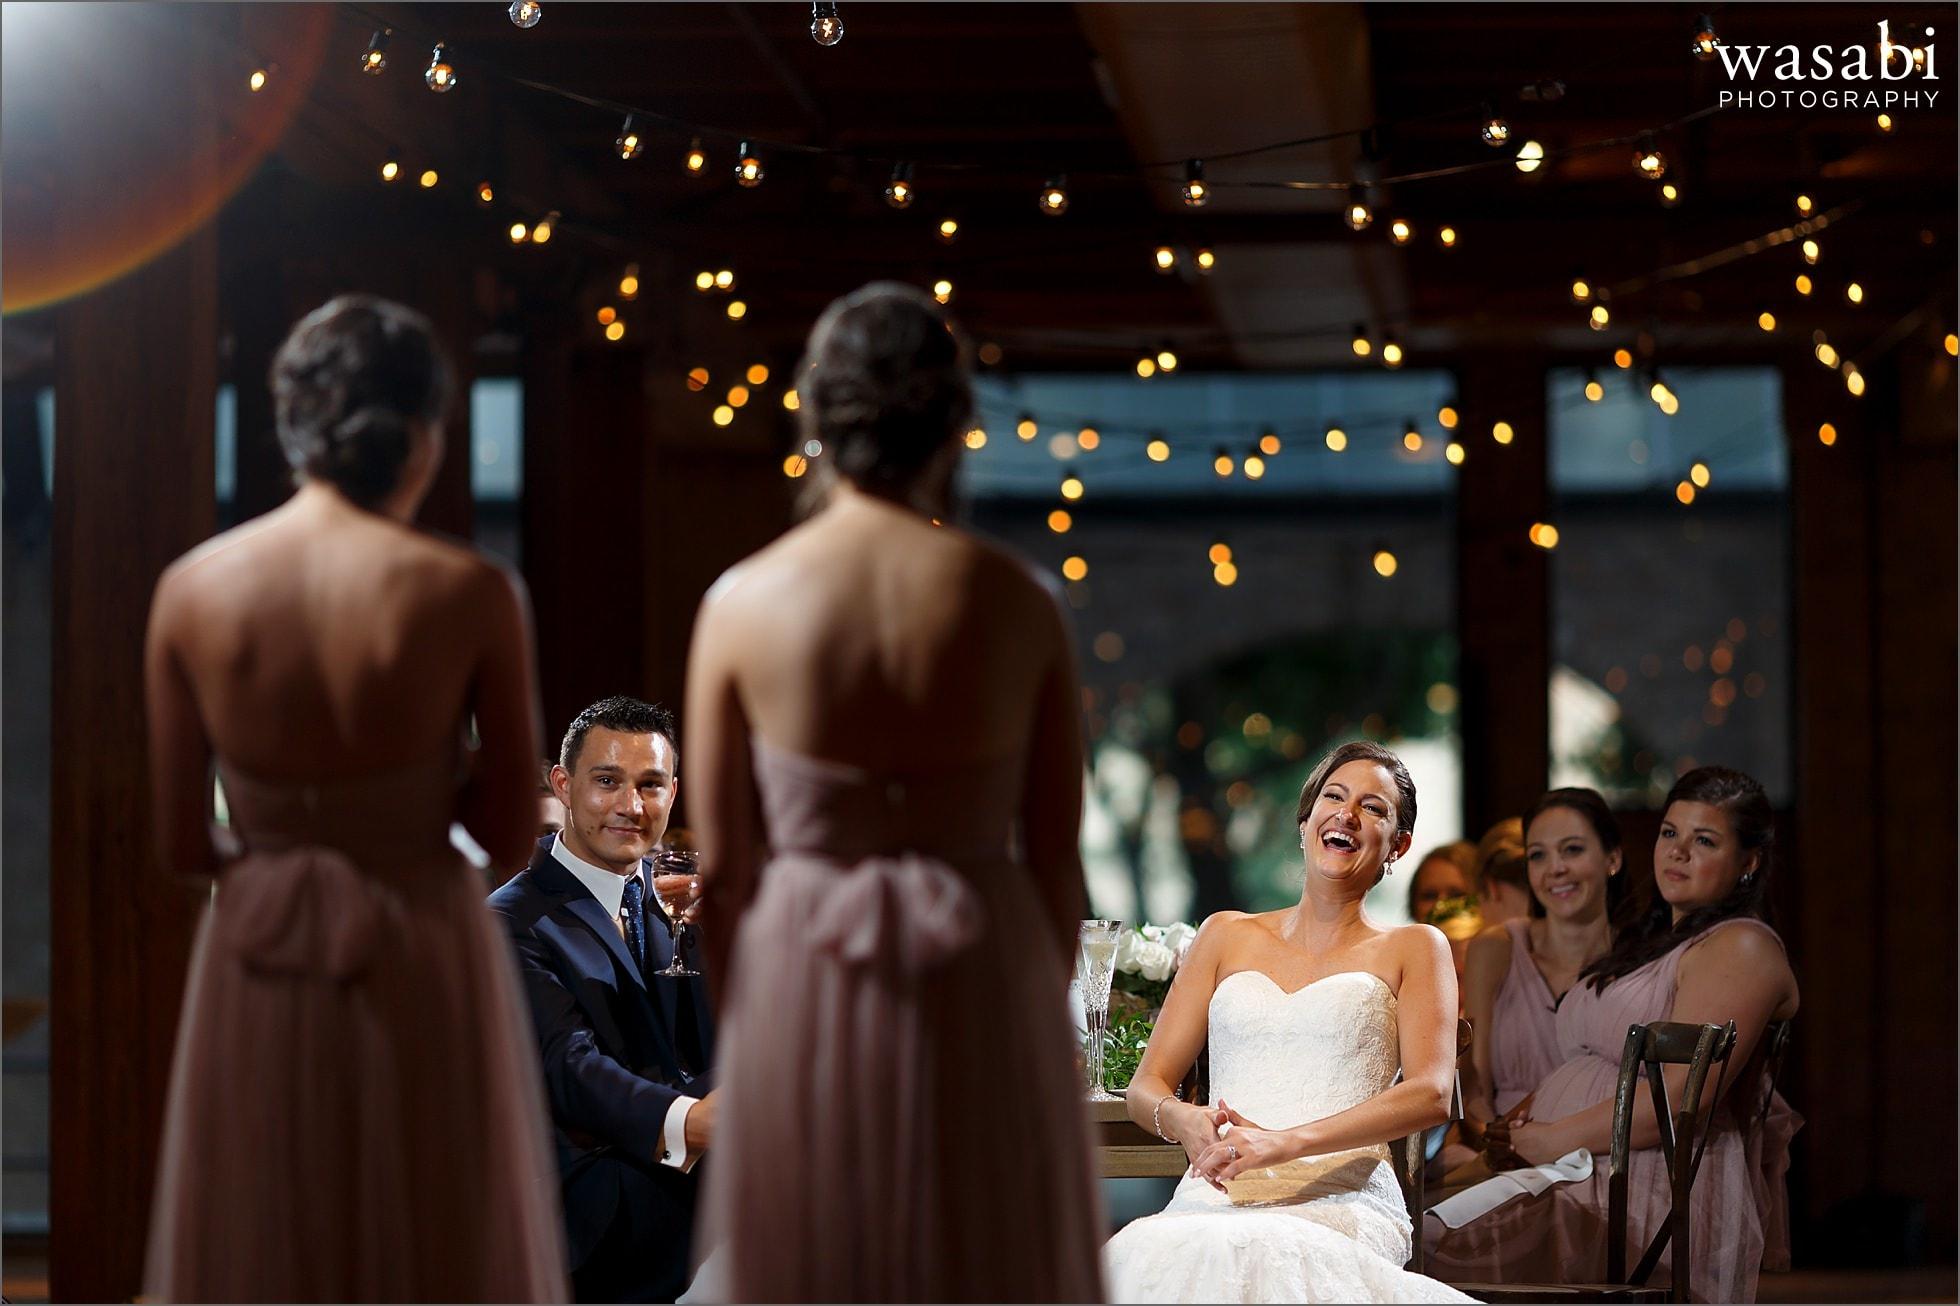 bridgeport art center sculpture garden wedding reception